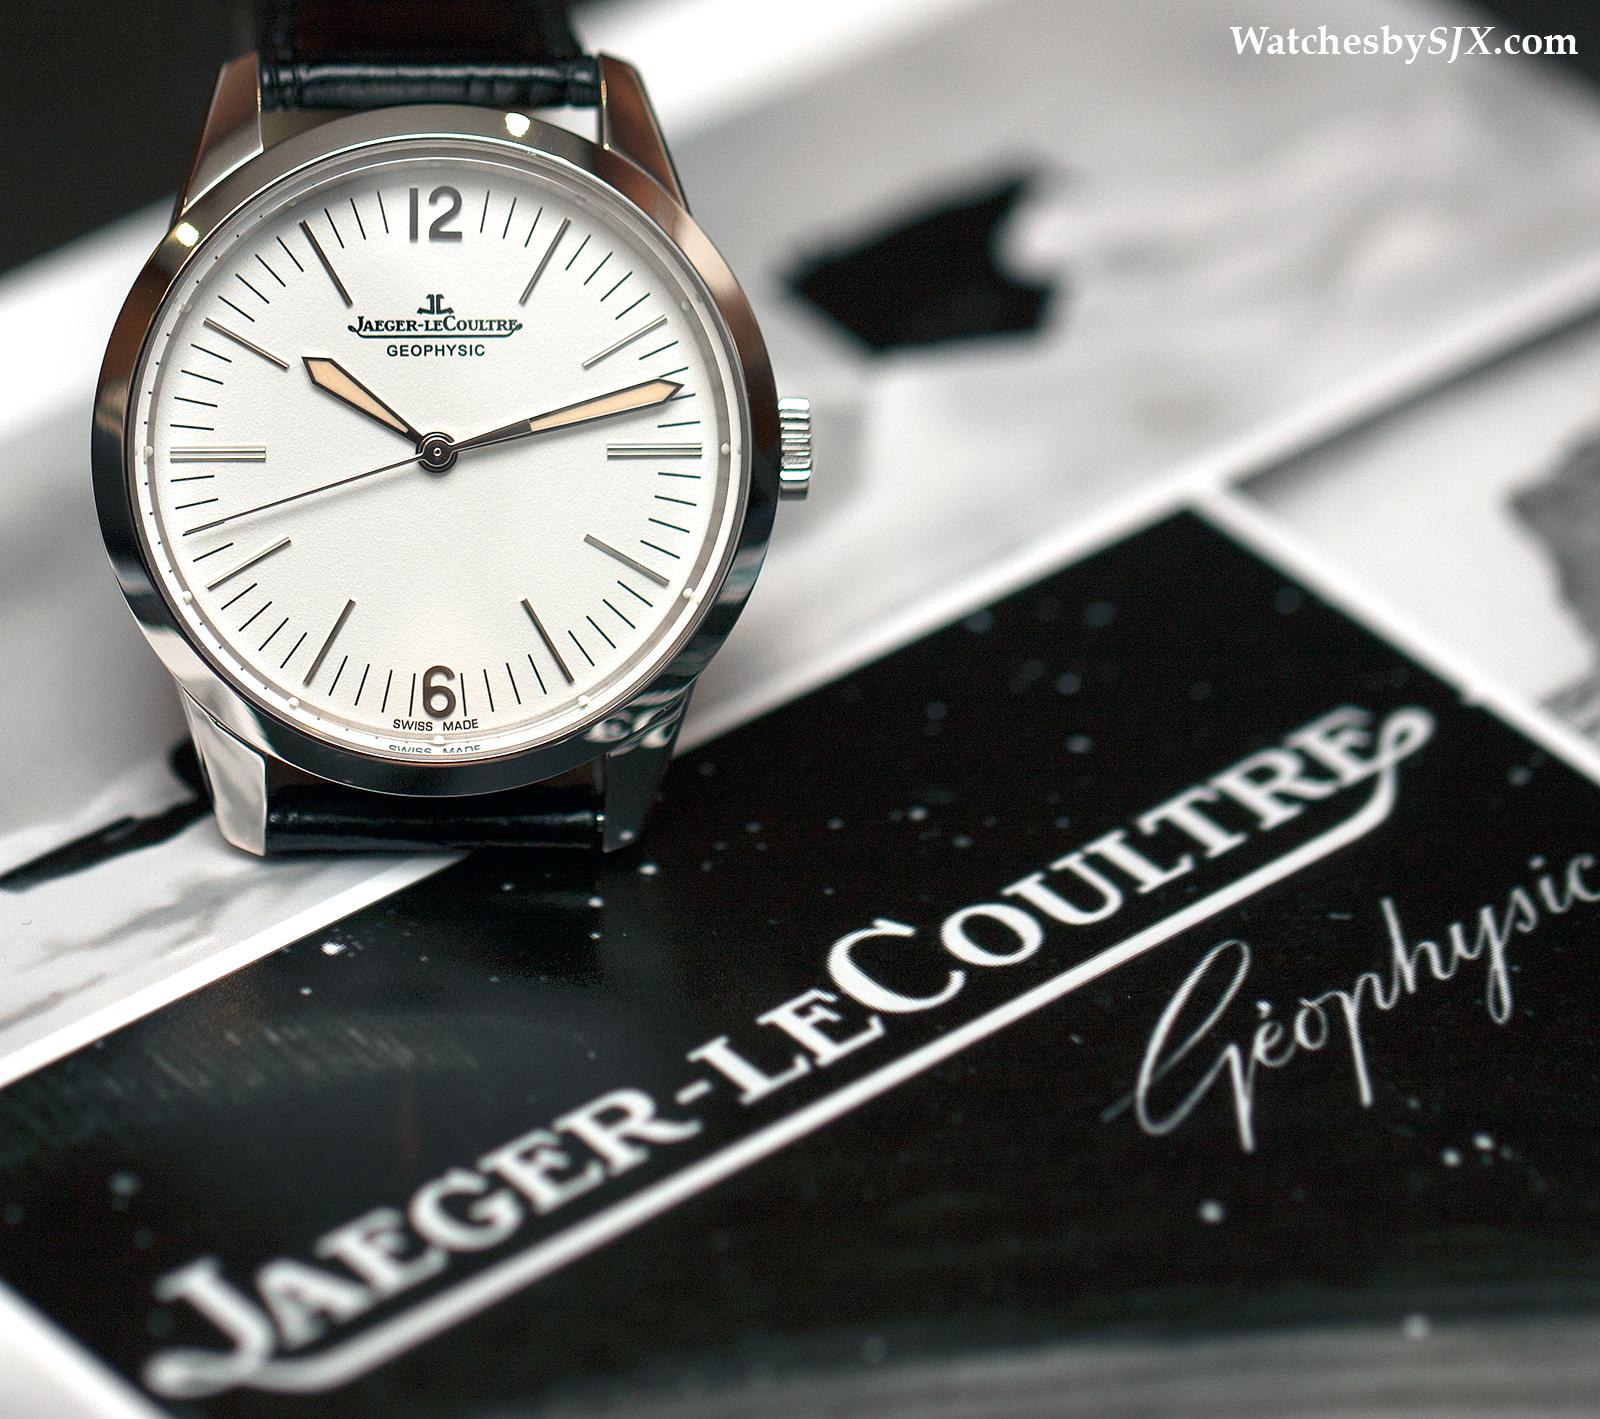 Jaeger-LeCoultre-Geophysic-1958-Platinum-51